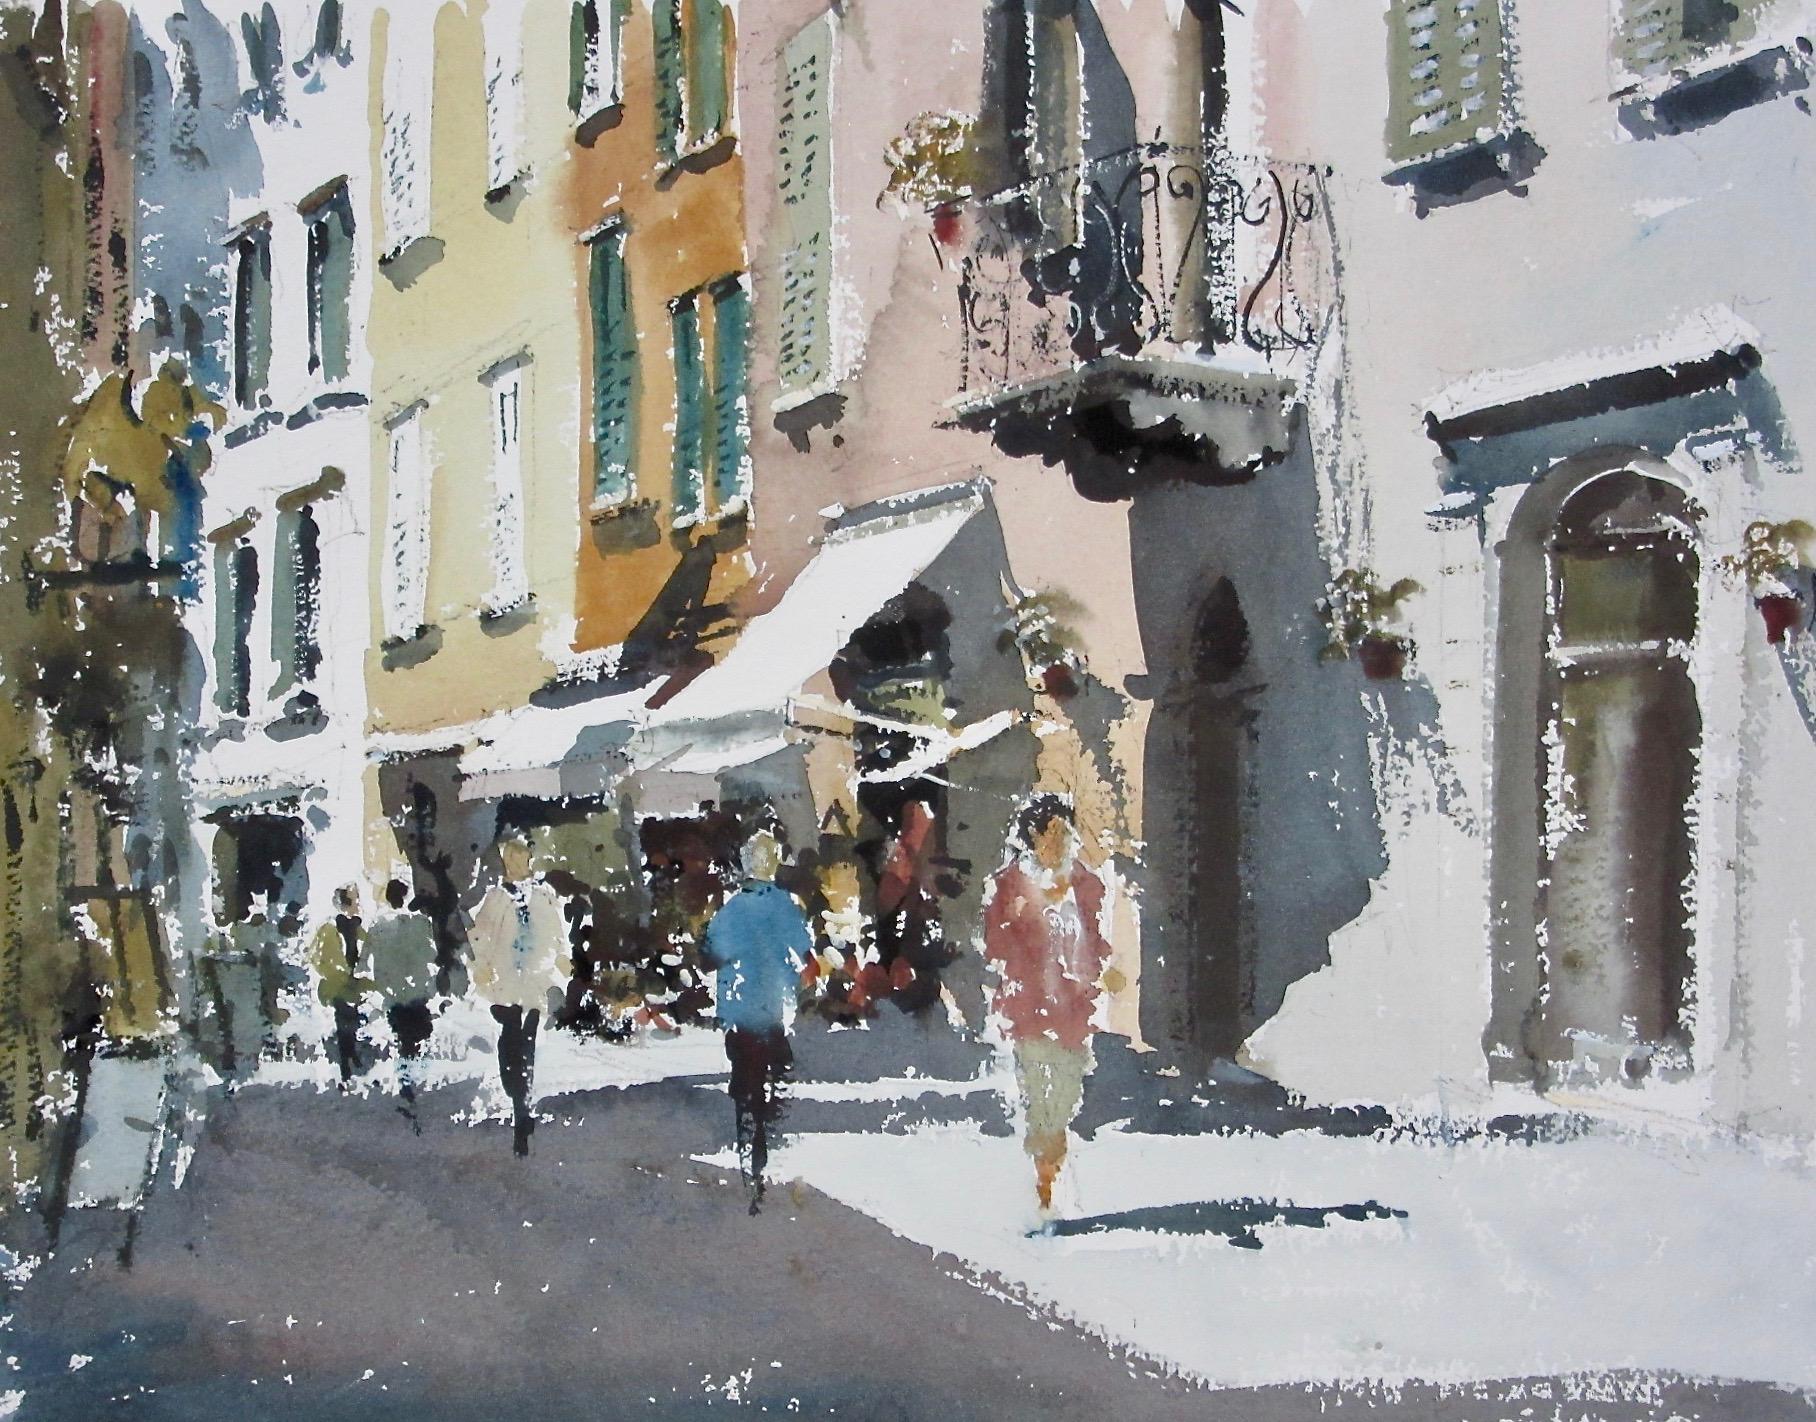 Strollers in Riva del Garda Italy: 11 x 15.5 in: £750